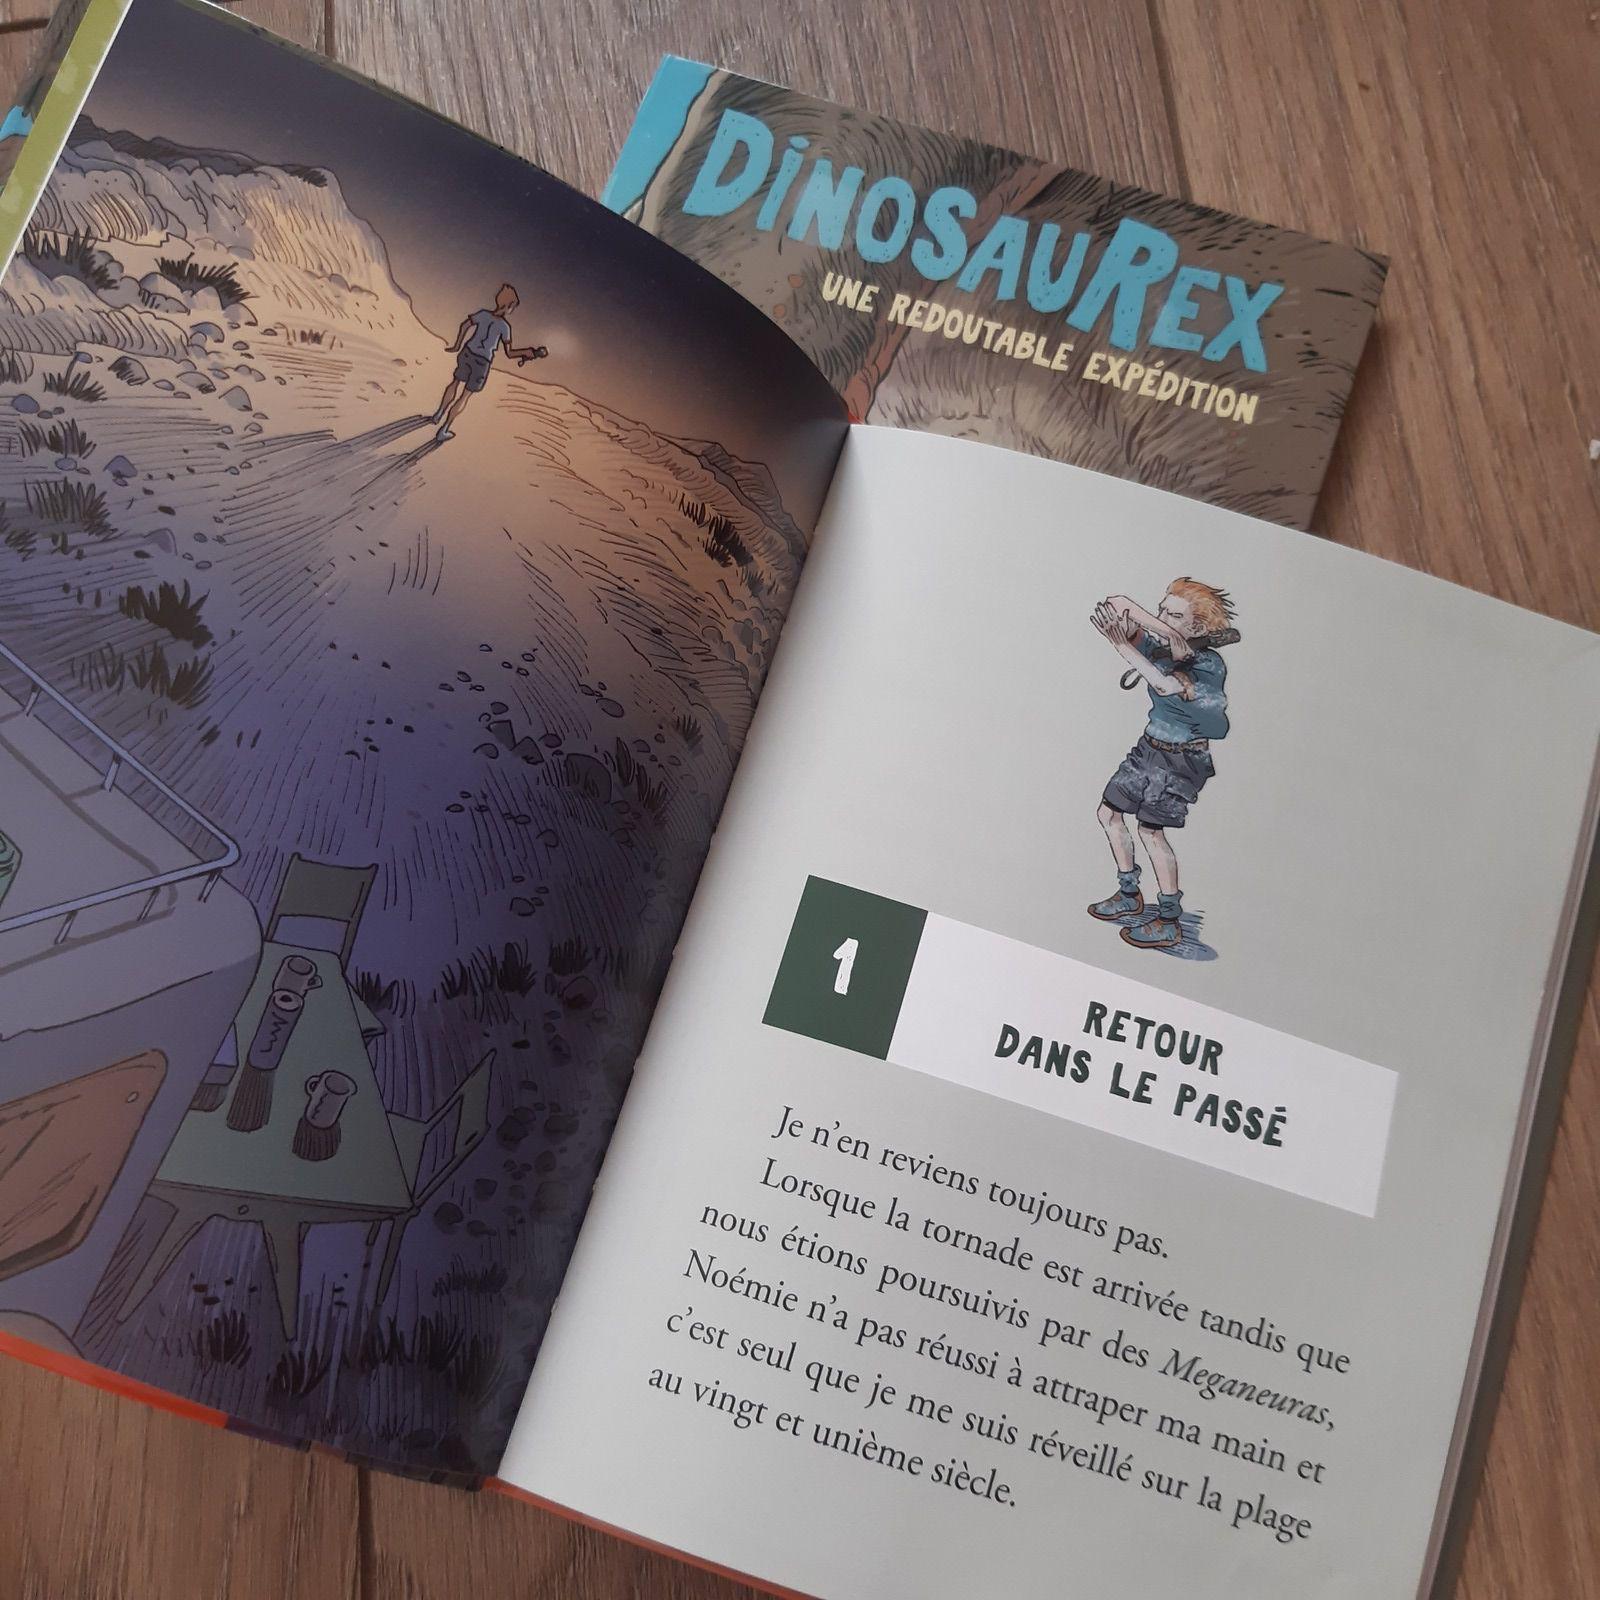 Dinosaurex